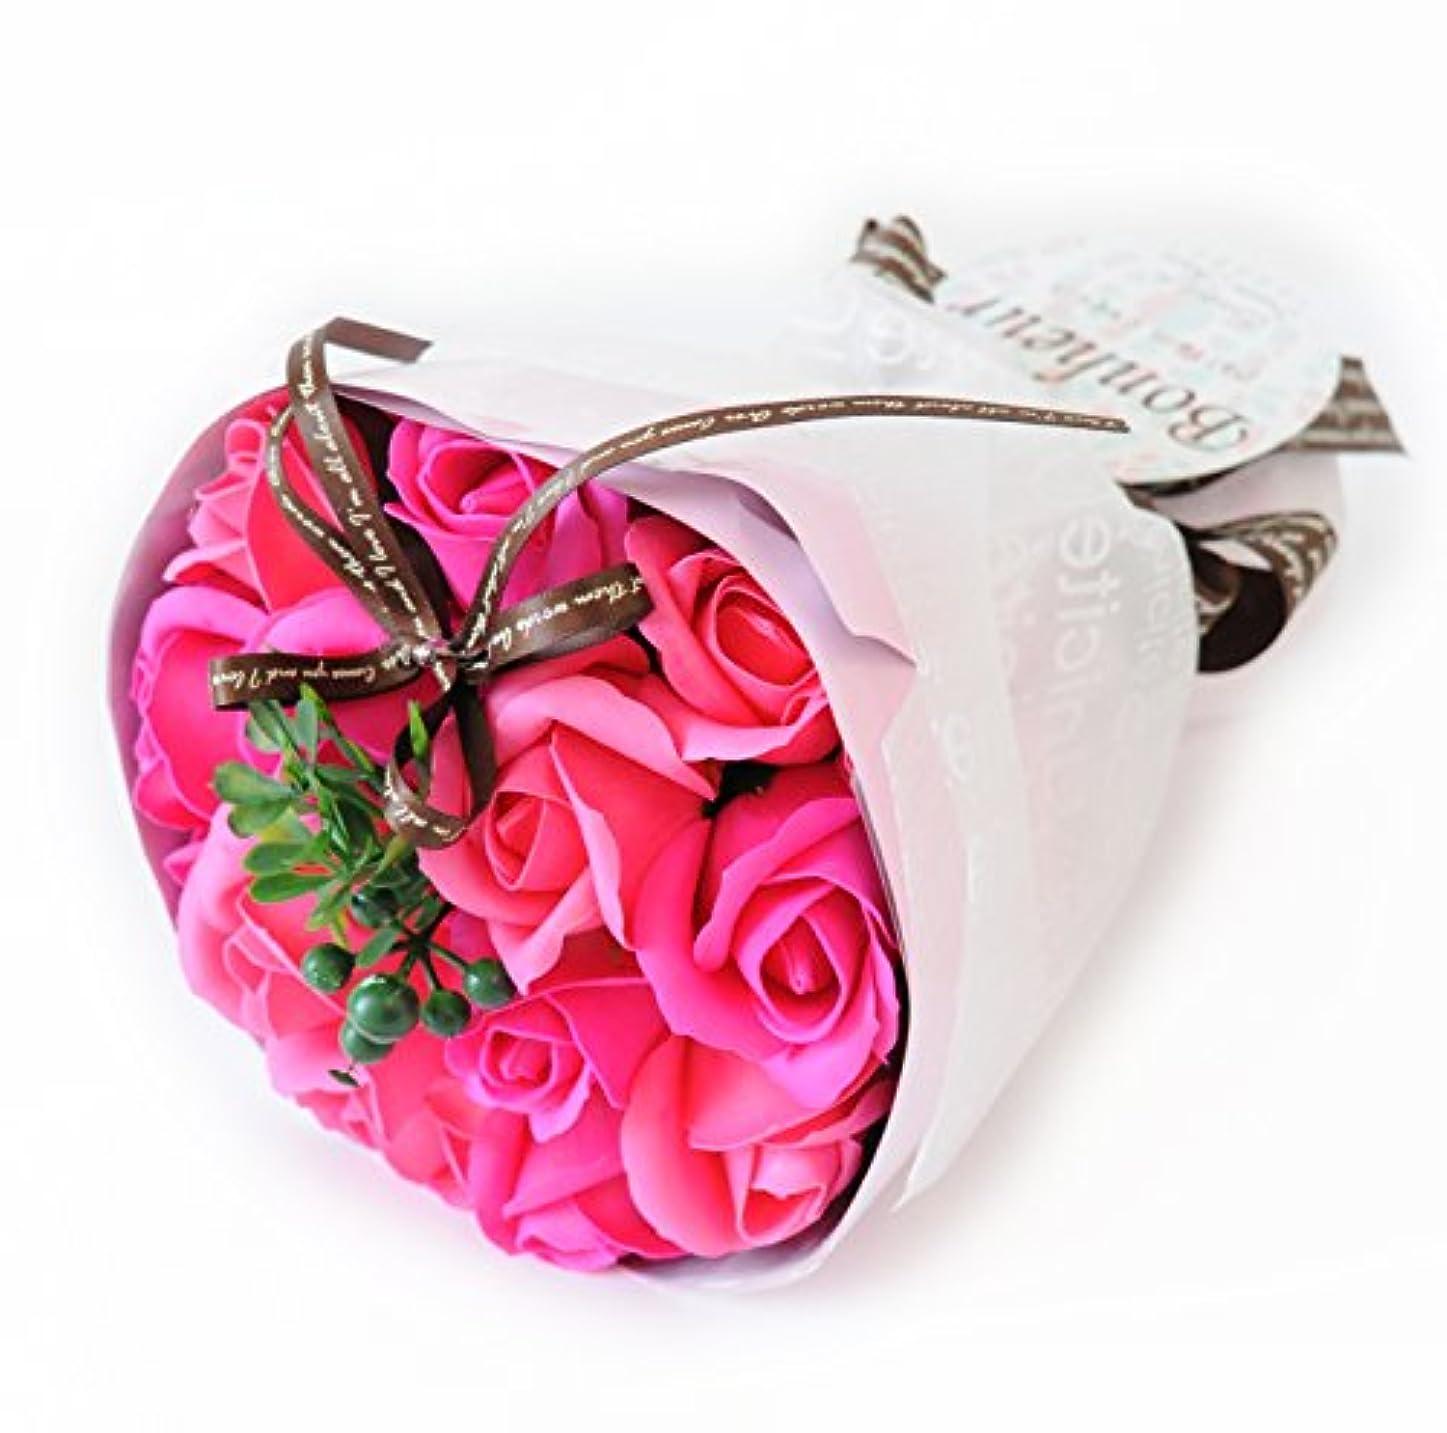 六月文法抵当フラワーマーケット花由 ソープフラワー アロマローズブーケ ビューティー シャボンフラワー フラワーソープ